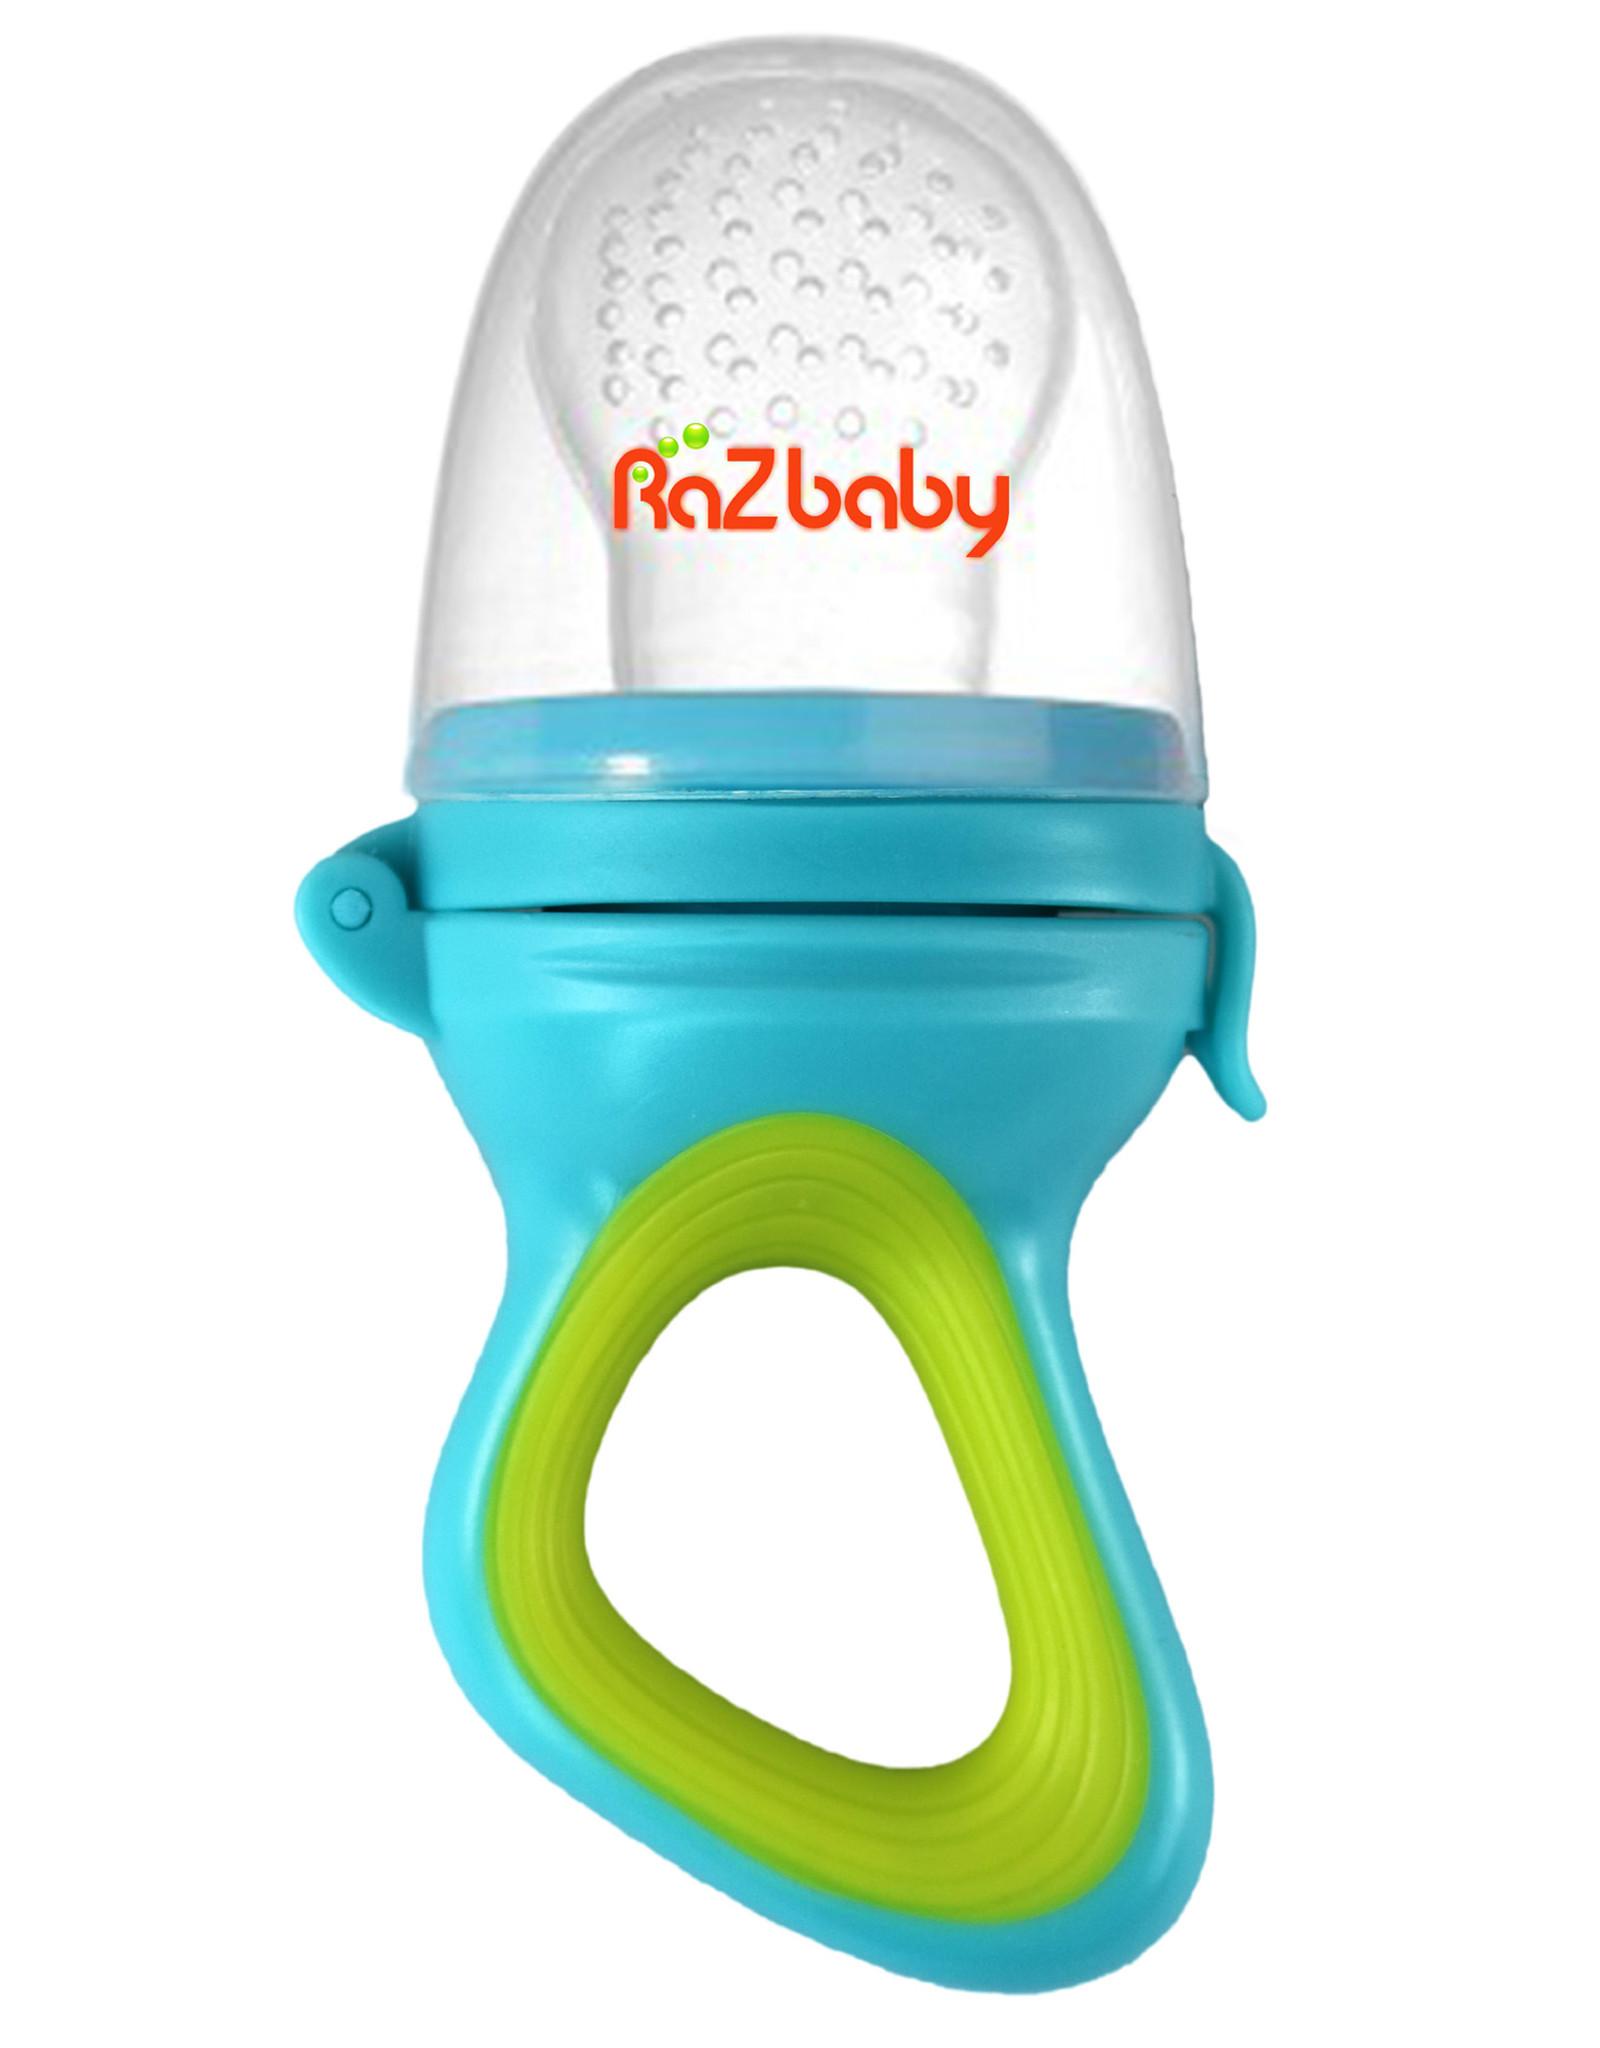 Razbaby RaZ-Berry Feeder